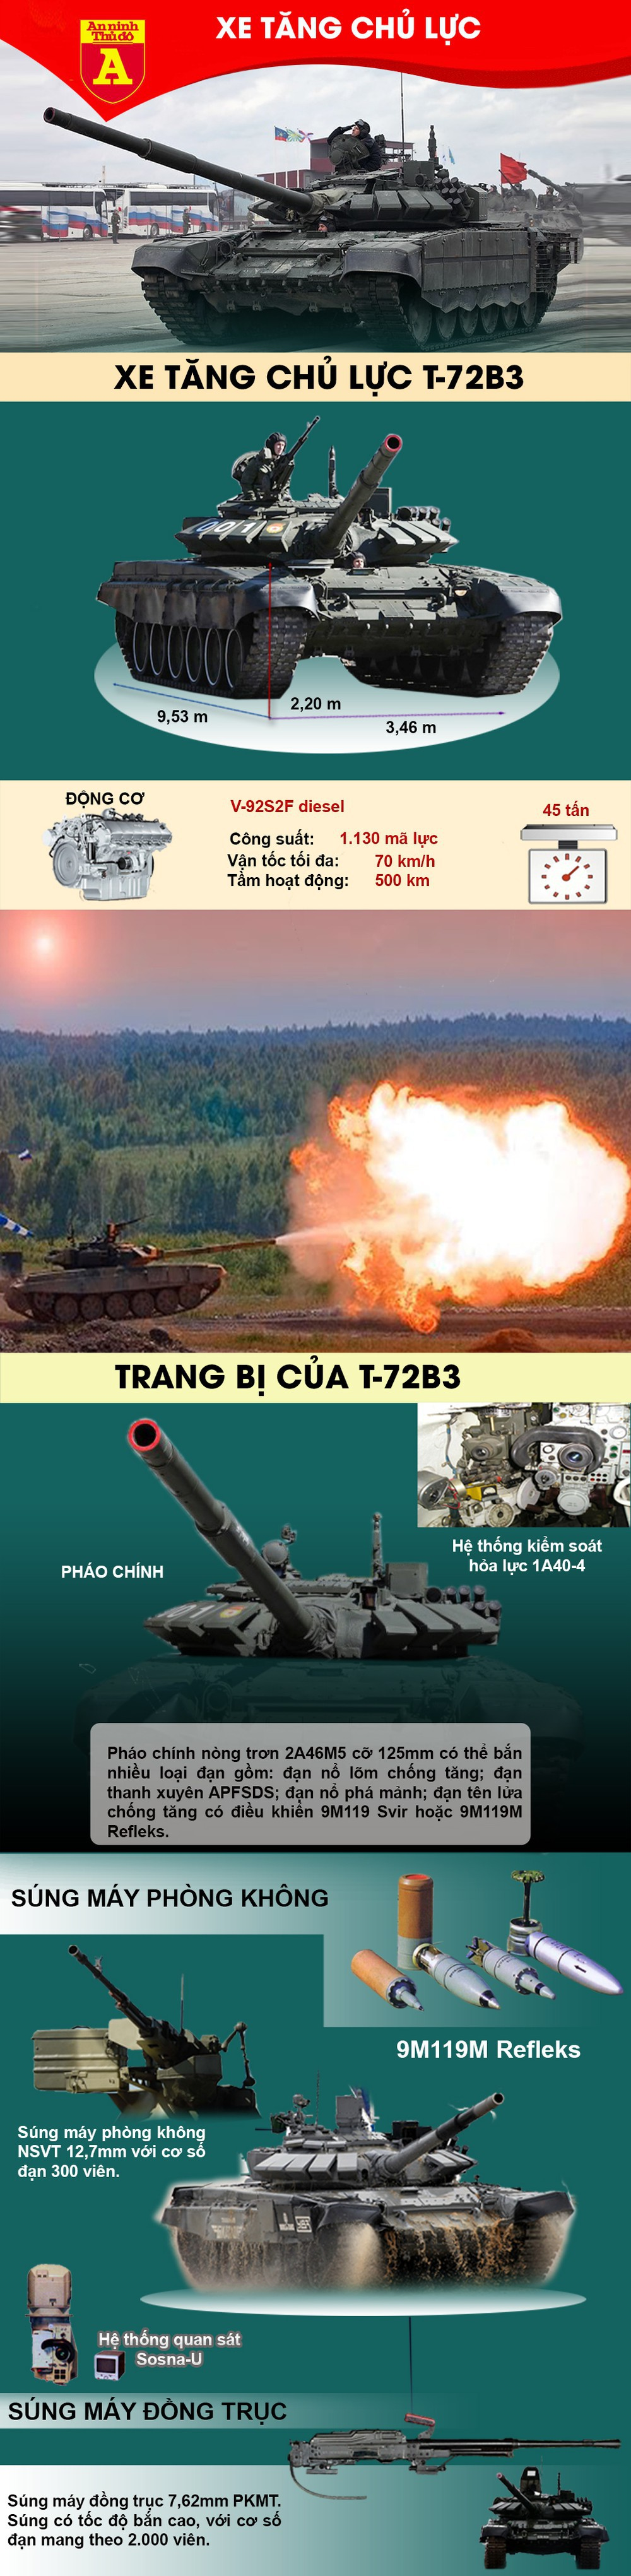 [Infographics] Sức mạnh xe tăng T-72B3 chiến sĩ Việt Nam vừa tiếp nhận tại Nga  - Ảnh 1